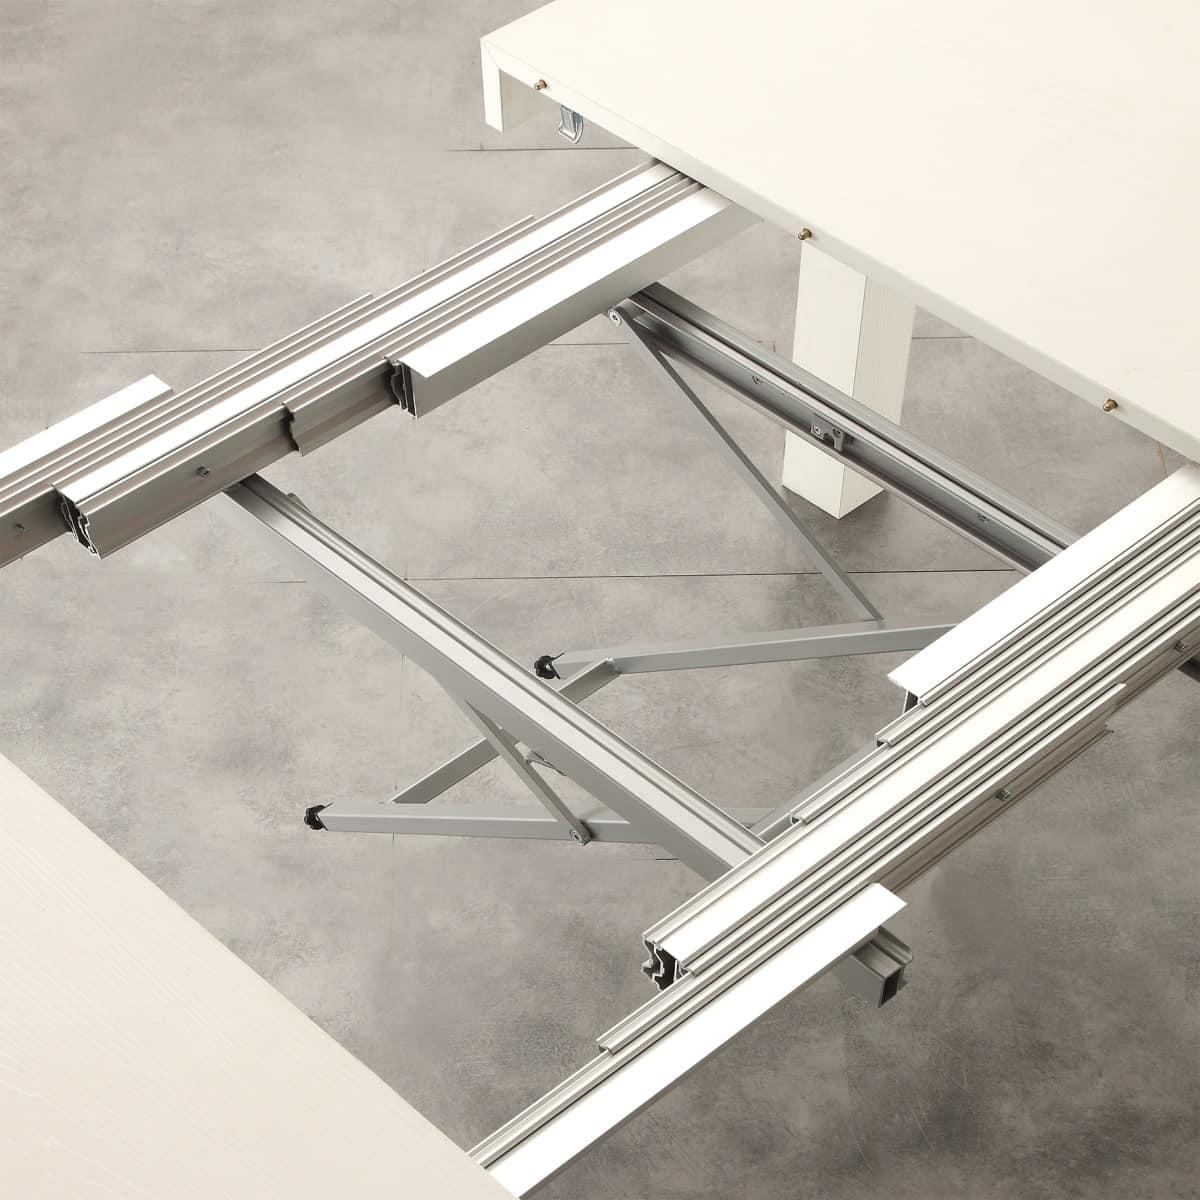 Tavoli Soggiorno Allungabili Legno: P moderno prodotti tavoli ...